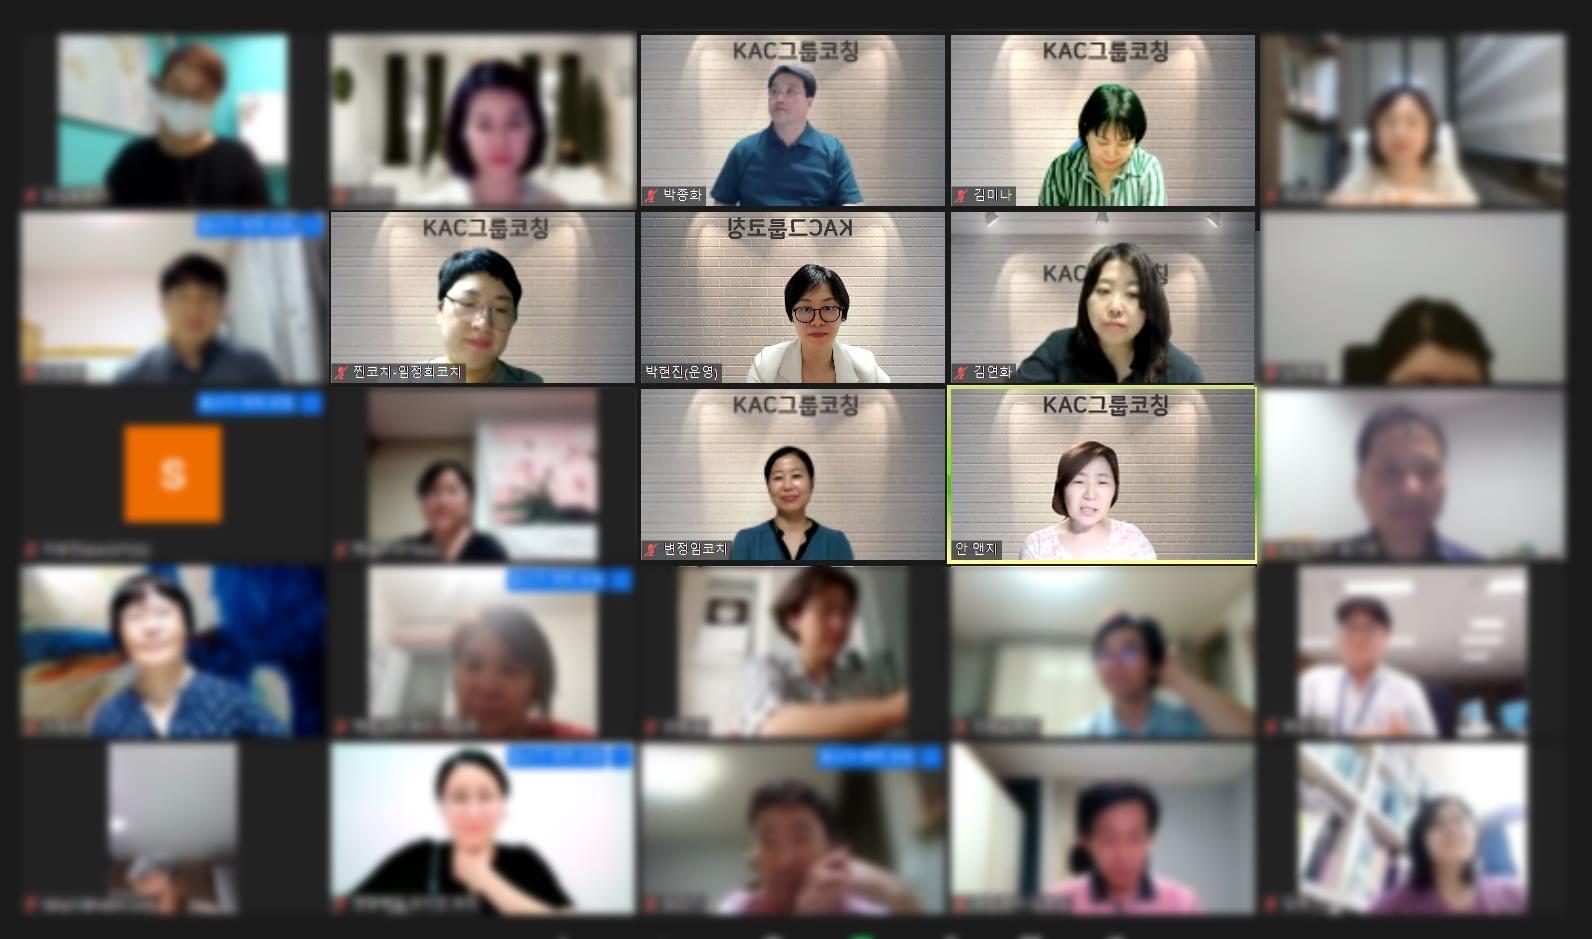 한국코치협회 신규 KAC를 위한 그룹코칭